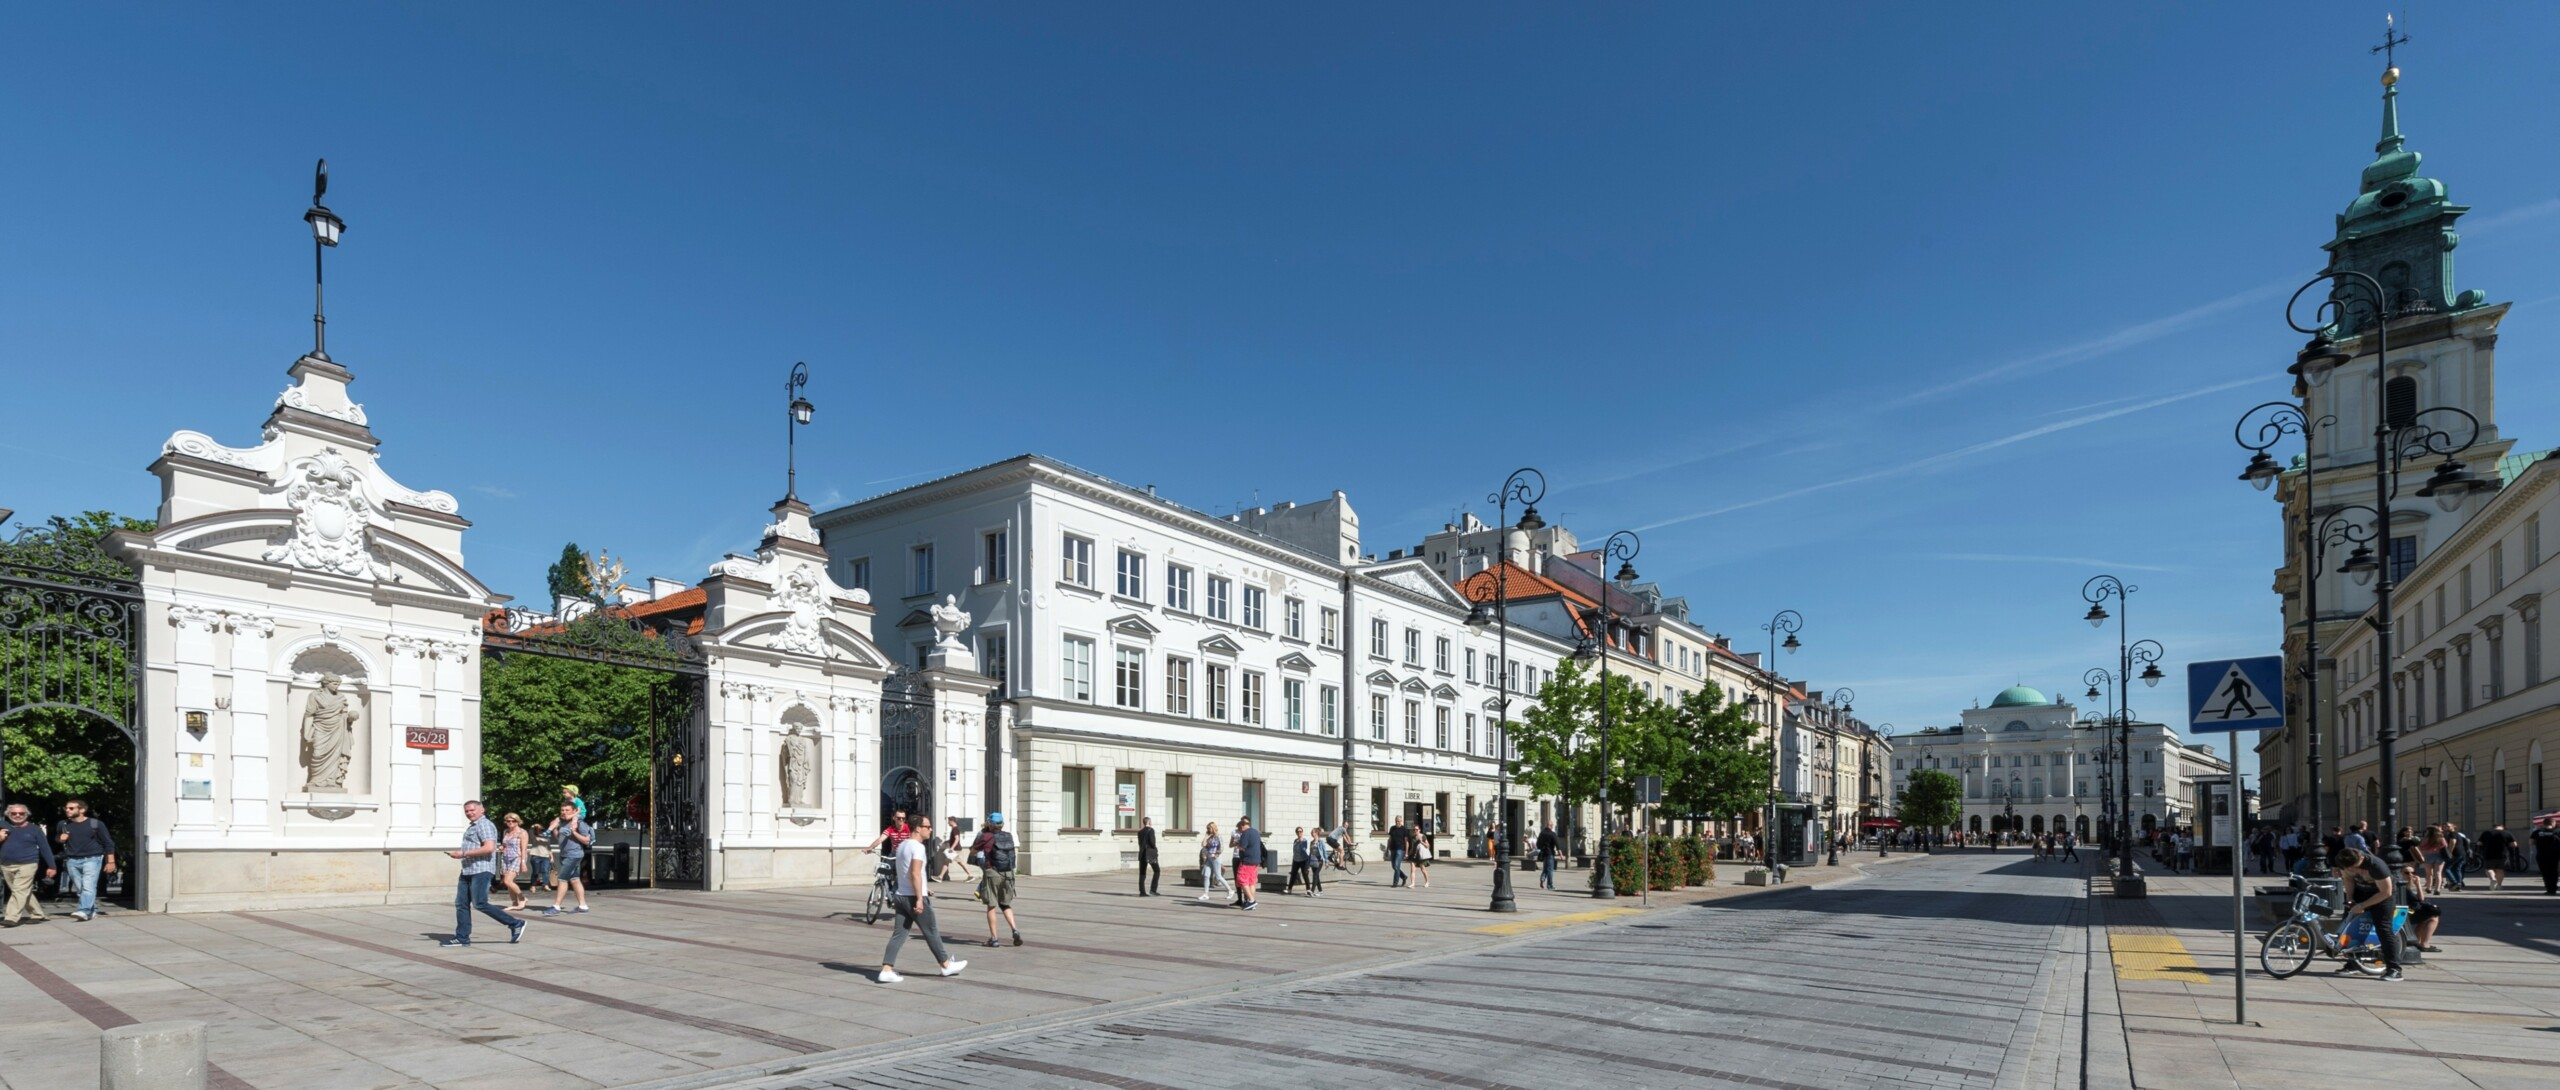 Krakowskie Przedmieście Street, The Main Gate of the University of Warsaw, photo: M. Kaźmierczak